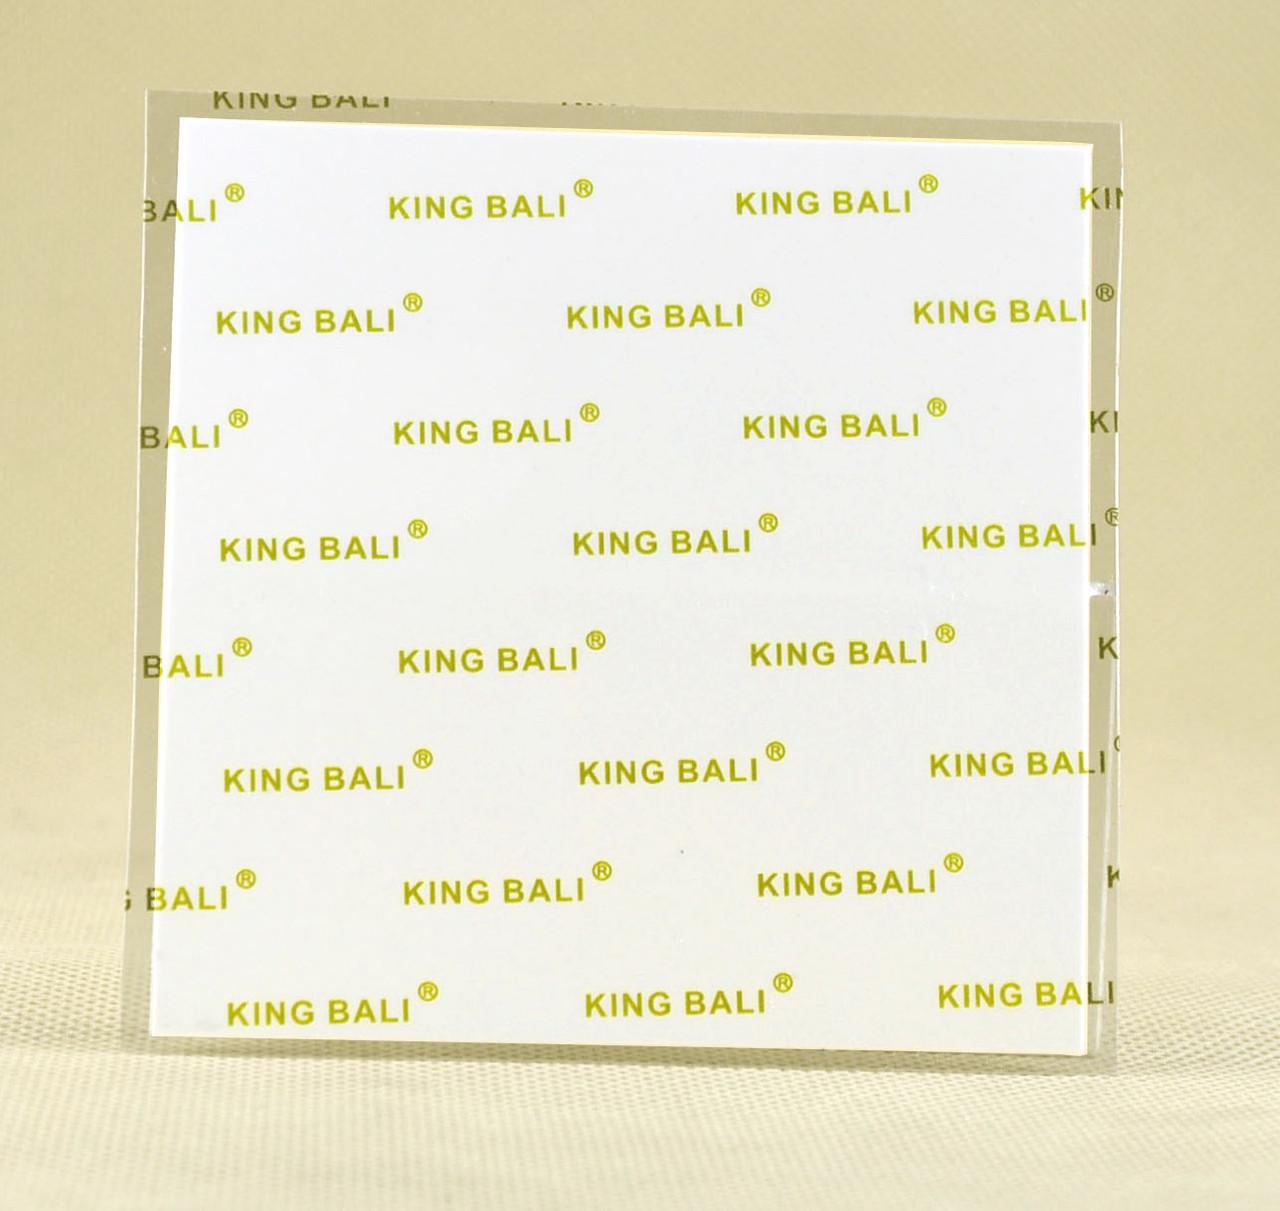 Термопрокладка KingBaliW 0.5 мм 100х100 белая 5W термоинтерфейс (TPr-KB5W 0.5-100)